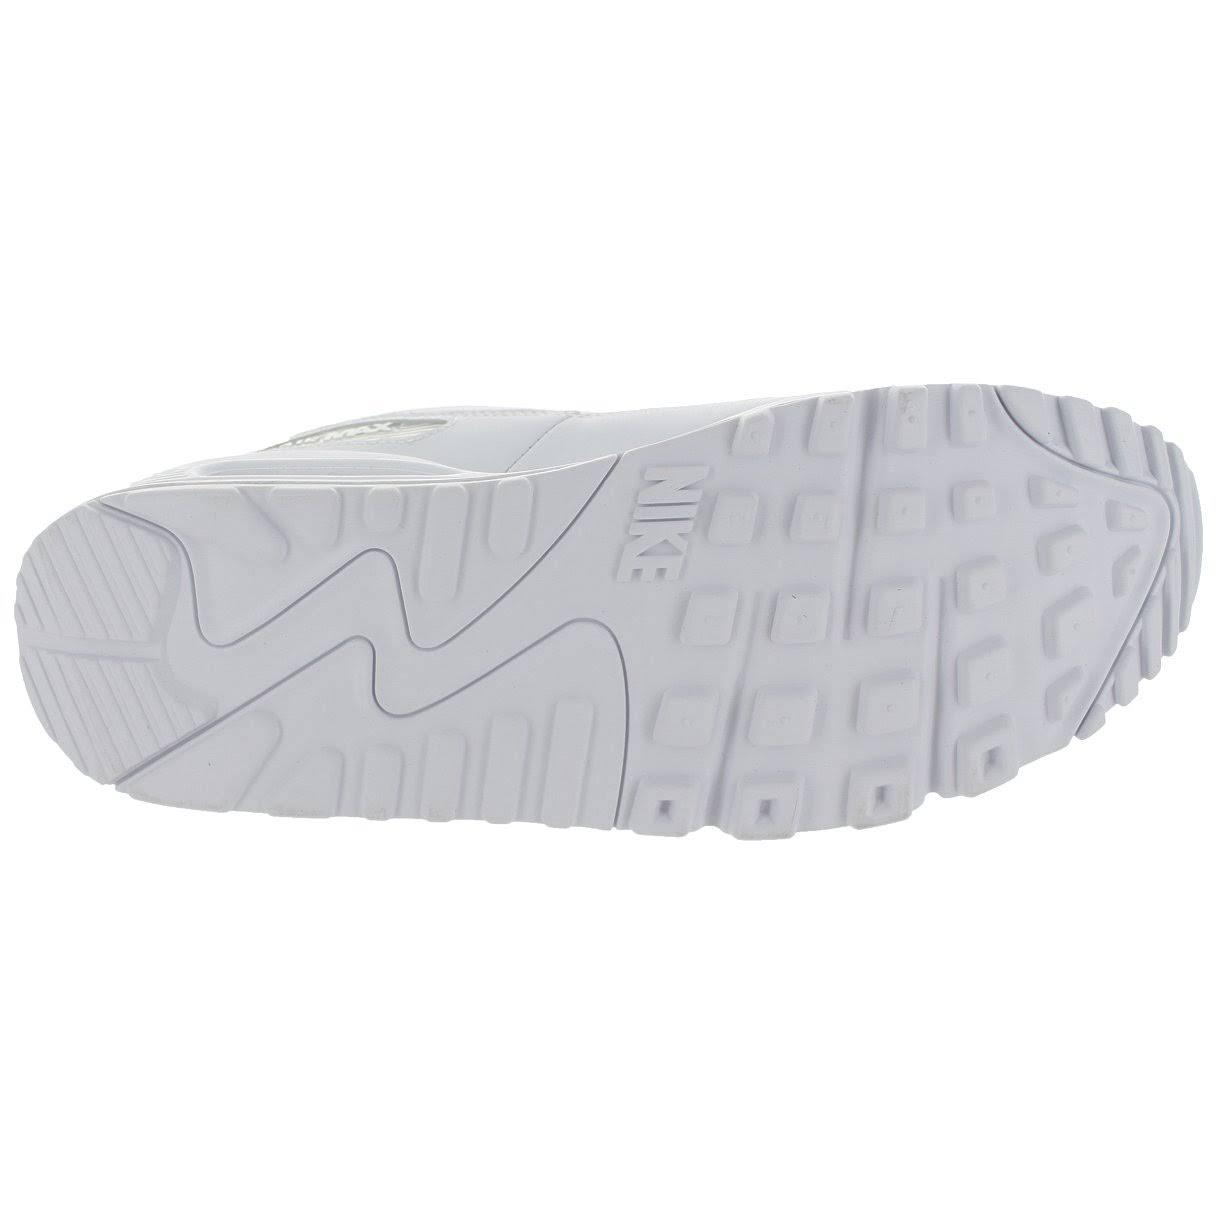 5 Air Tamaño Max Para Hombre Zapatos 302519113 White 90 True 8 Nike wAZOqq